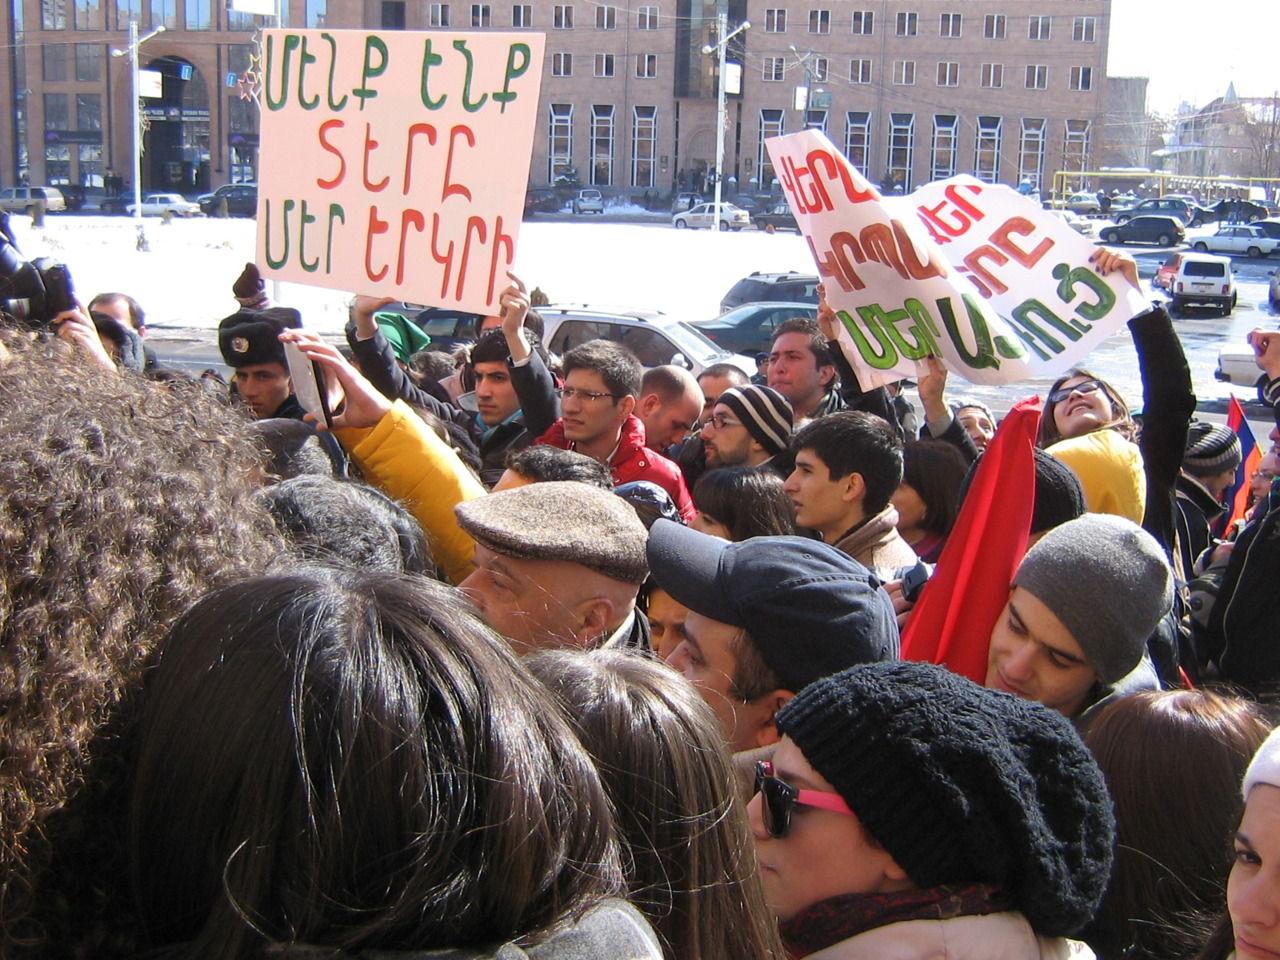 Митинг в защиту парка Маштоц. Армения, Ереван, февраль, 2012 год. ©Фото с сайта commons.wikimedia.org